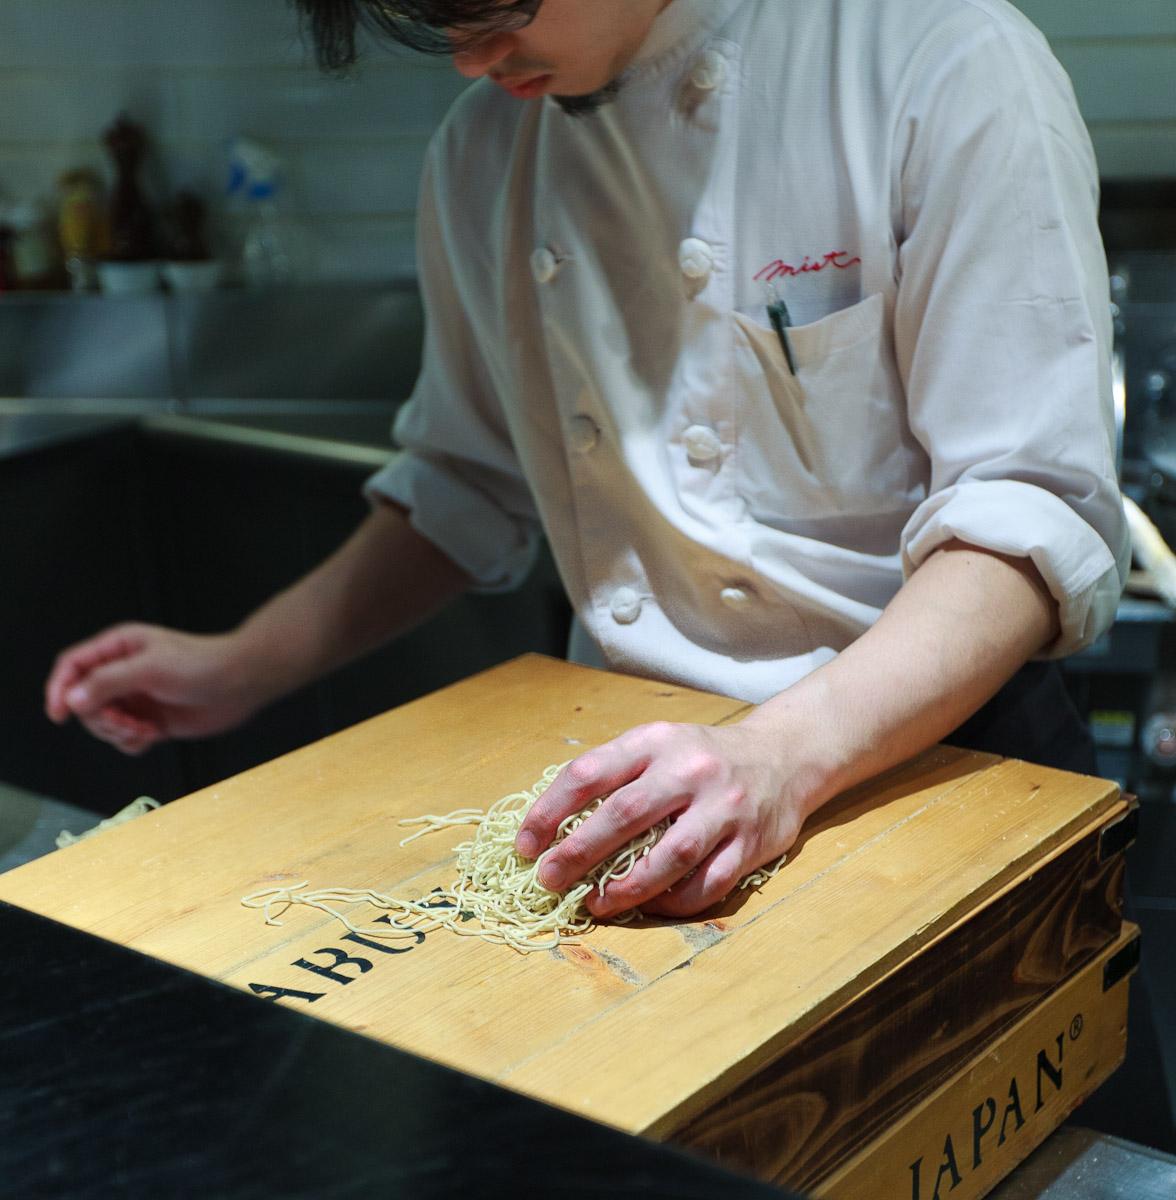 Mist Ramen, Tokyo - Chef weighs noodles